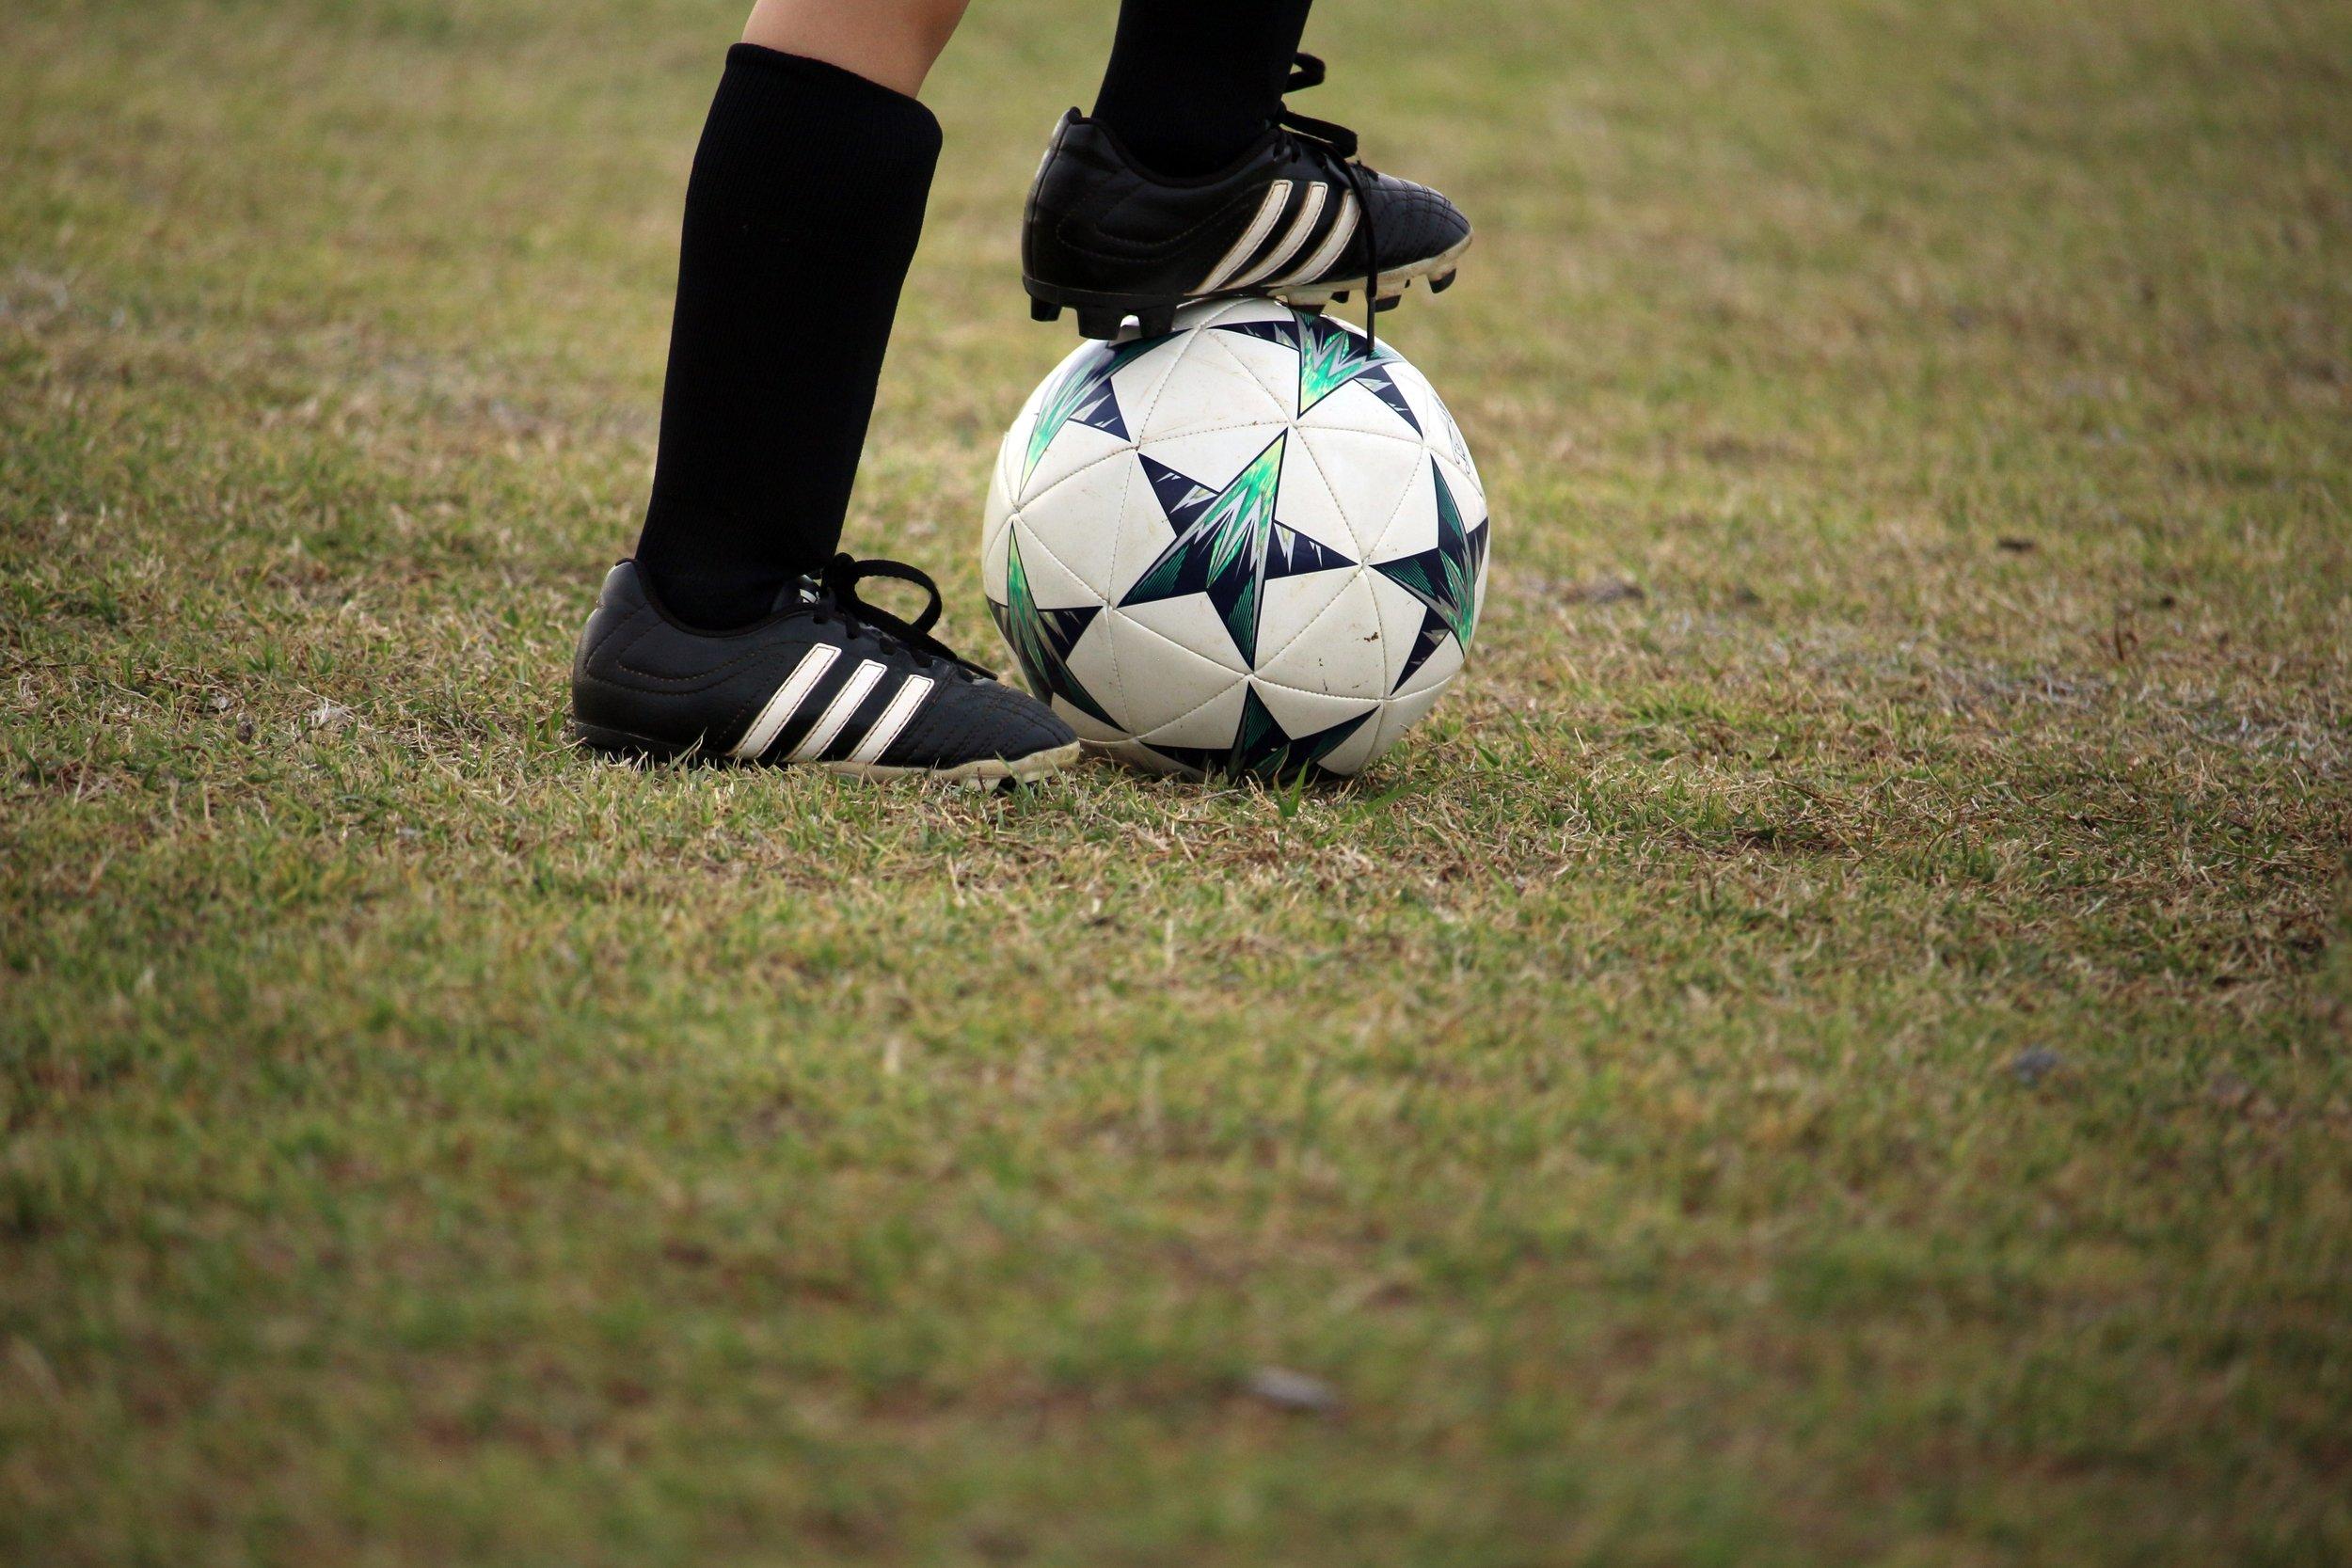 Summer Soccer Camp Registration - Click Here to Register